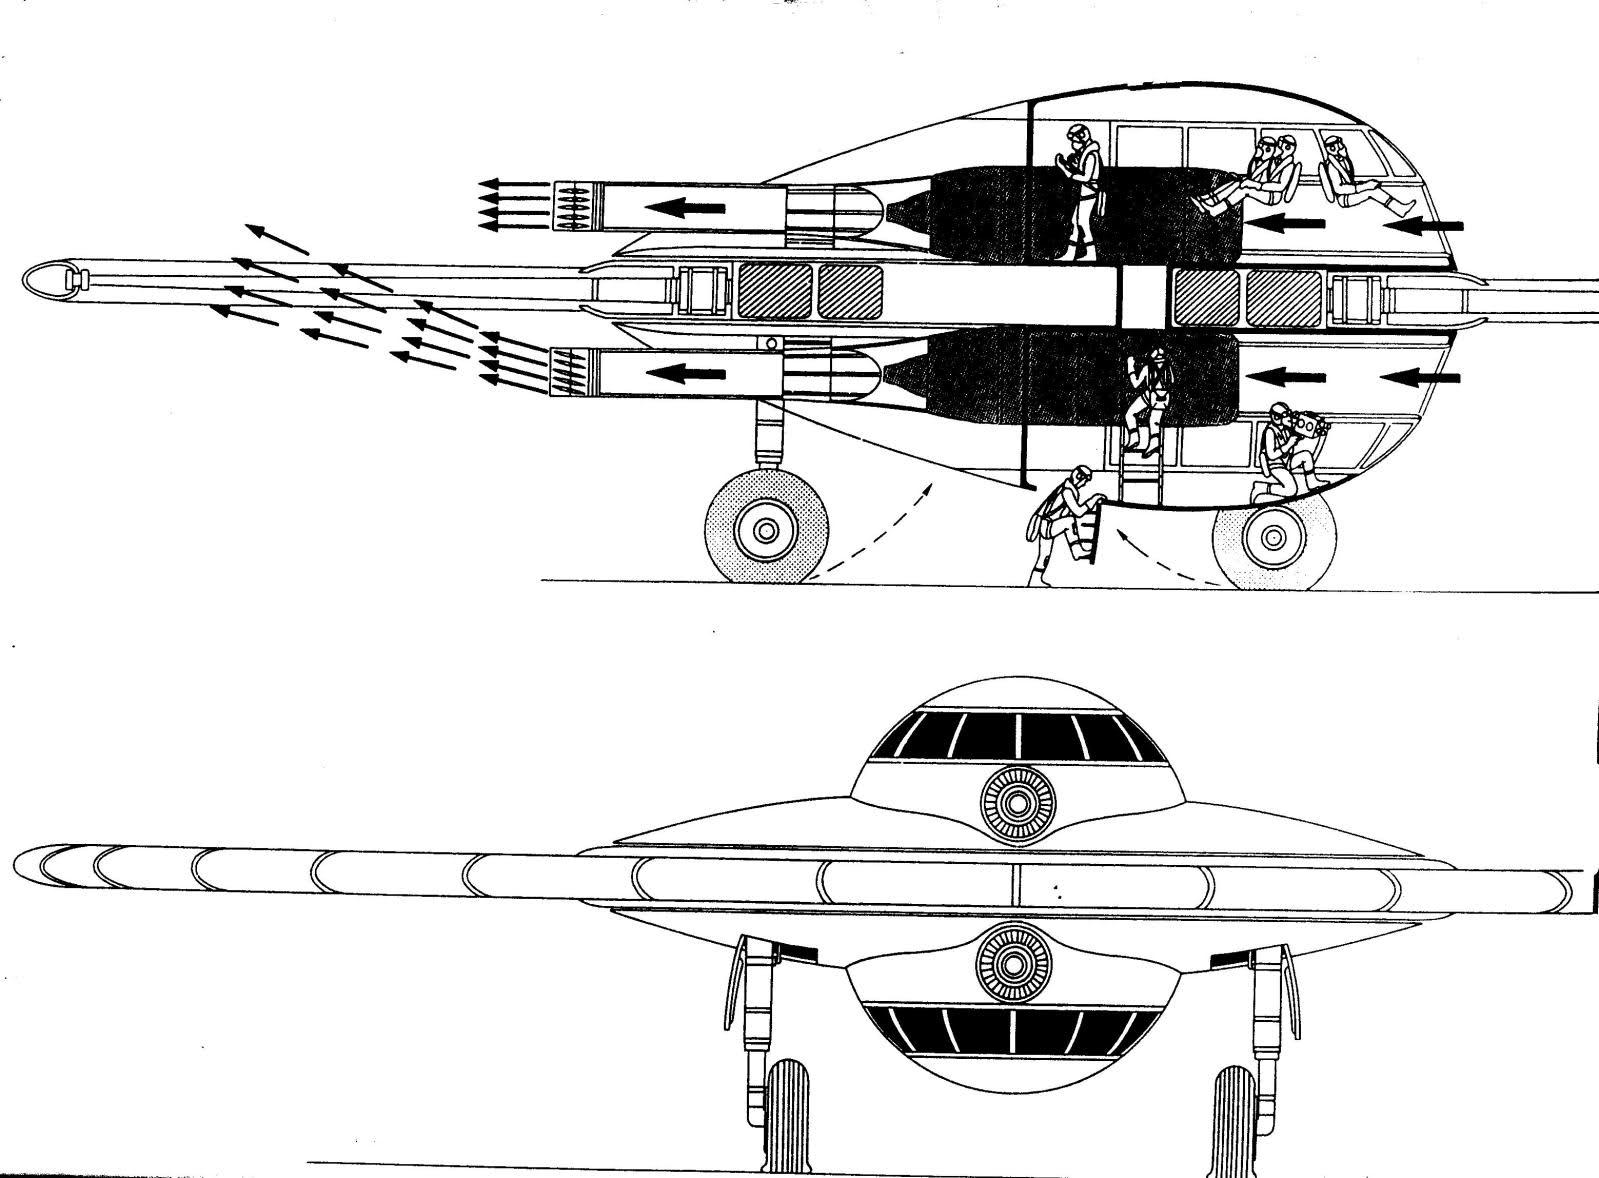 Η εμφάνιση του Flügelrad απαρτιζόταν από ένα κεντρικό σώμα που περιέβαλλε έναν μοναδικό χειριστή, που καλυπτόταν από ημισφαιρικό θόλο. Με τη σειρά του και αυτός περιβαλλόταν από ένα περιστρεφόμενο δίσκο, του οποίου το κάτω μέρος φιλοξενούσε έναν ΒΜW 003 jet κινητήρα, δεξαμενές καυσίμου, έναν εκτροπέα Stahlrohr και έναν τροχοφόρο τετράποδο μηχανισμό προσγείωσης, χωρίς φρένα και αμορτισέρ. Η πτήση του οχήματος γινόταν με την εκτροπή των αερωθούμενων καυσαερίων σε έναν έλικα 16 πτερυγίων, με υδραυλικούς ενεργοποιητές πεπιεσμένου αέρα. Σκοπός του Flügelrad ήταν η λήψη αεροφωτογραφιών και λειτουργούσε με καλύτερη ταχύτητα από ένα ελικόπτερο, λόγω του αεροδυναμικού σκελετού του, χωρίς την ίδια ανθεκτικότητα. Επειδή τα Flügelrads ήταν εξοπλισμένα με πυρσός, κατόρθωσαν να εξολοθρεύσουν τις αμερικανικές δυνάμεις εισβολής κατά την «Επιχείρηση Ηighjump»